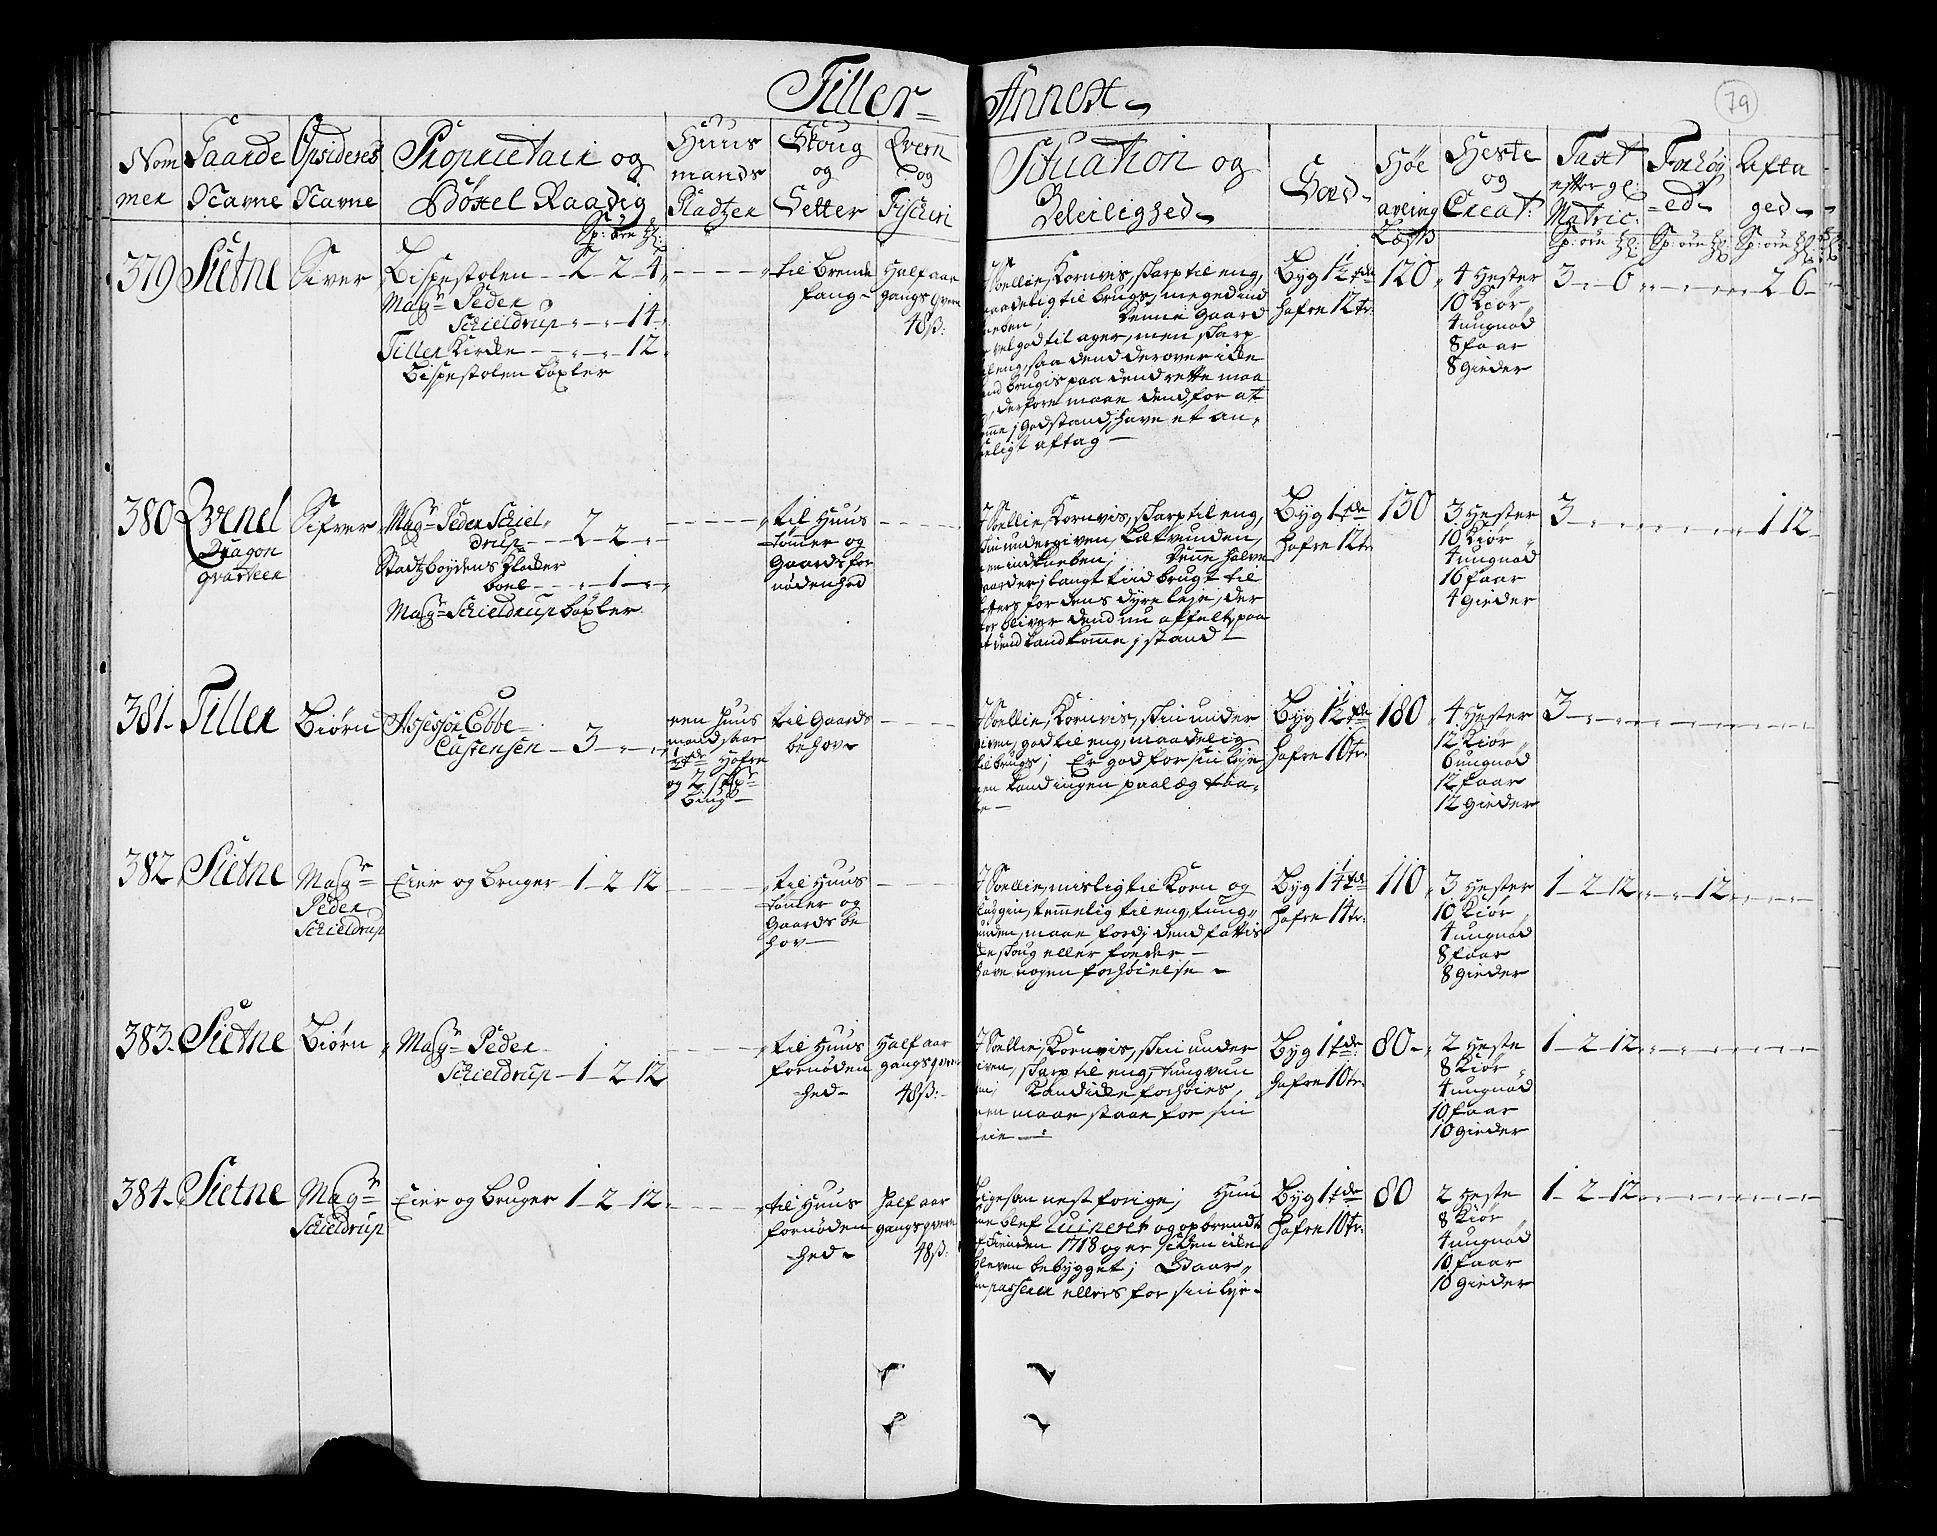 RA, Rentekammeret inntil 1814, Realistisk ordnet avdeling, N/Nb/Nbf/L0160: Strinda og Selbu eksaminasjonsprotokoll, 1723, s. 78b-79a